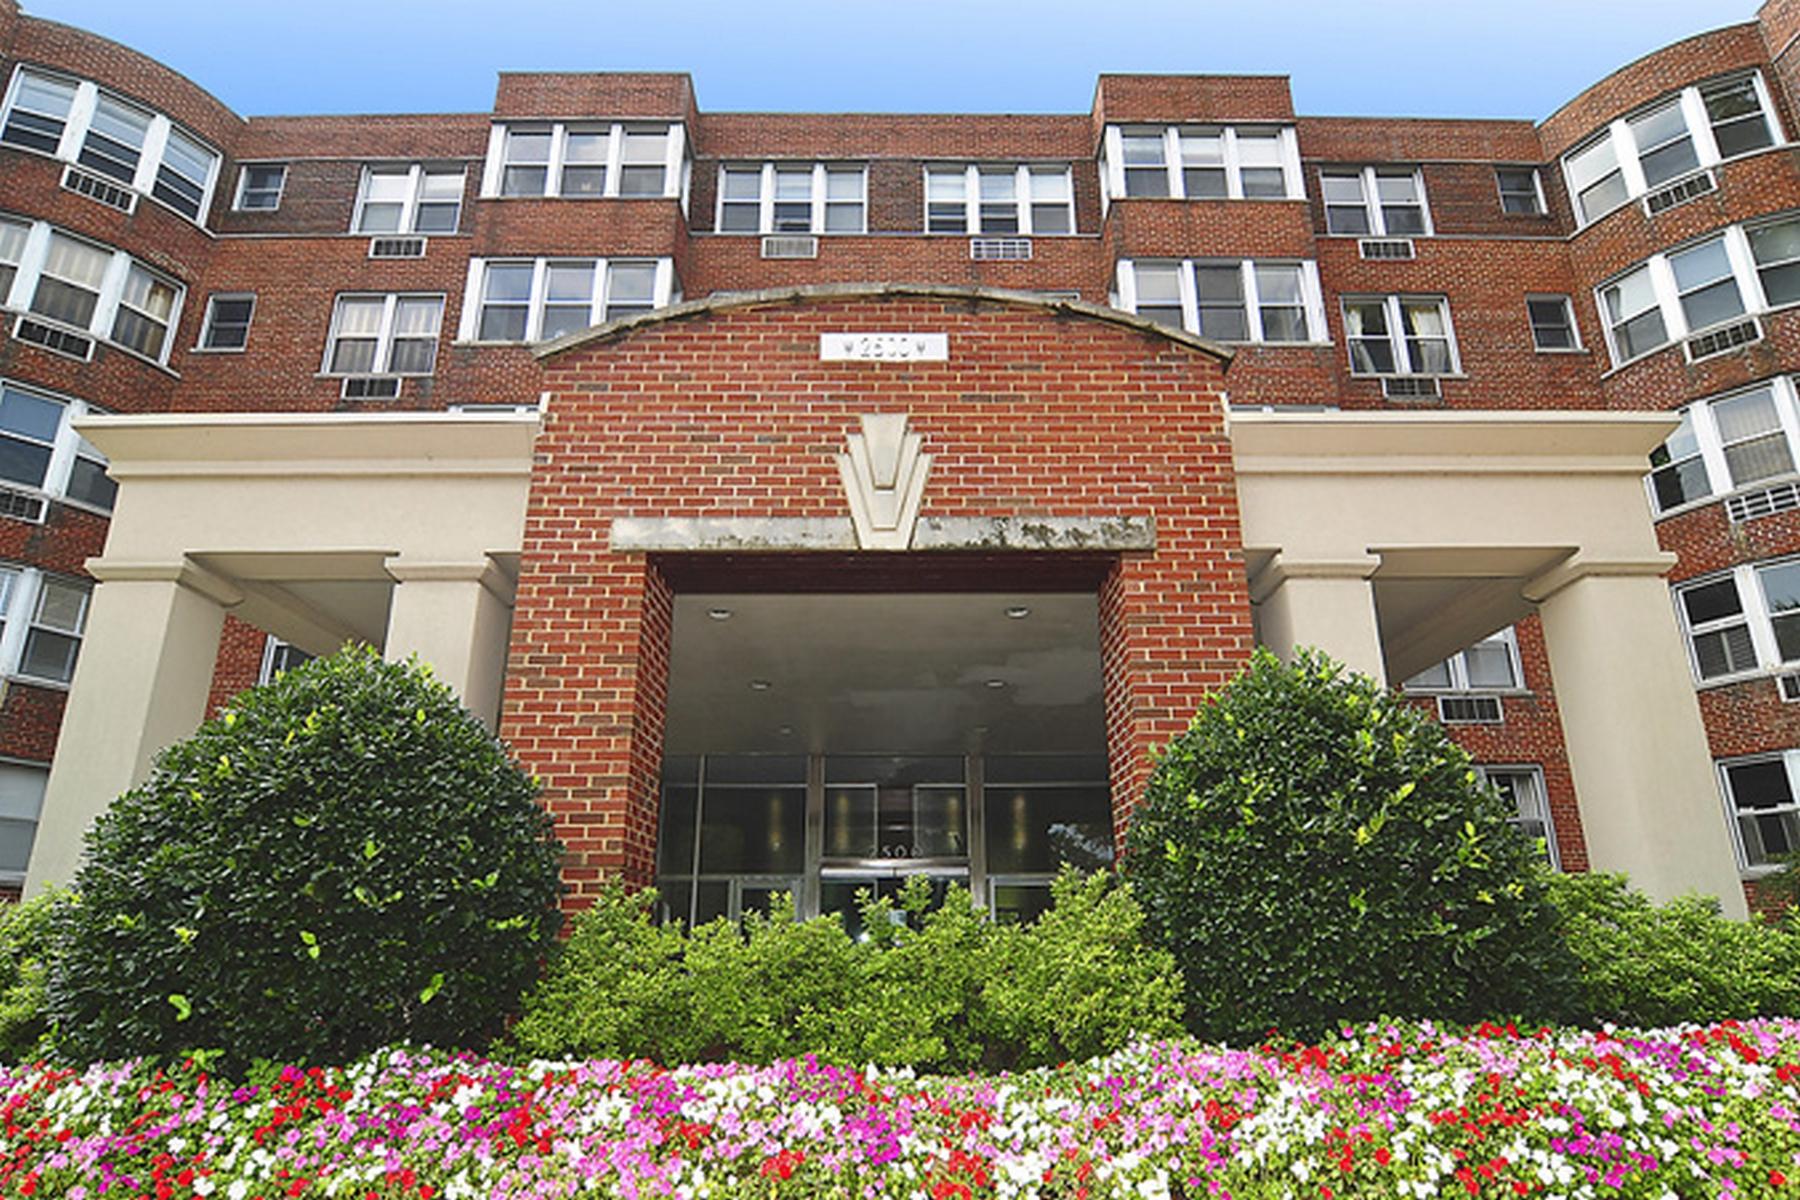 共管物業 為 出售 在 Georgetown 2500 Q Street Nw 114 Washington, 哥倫比亞特區 20007 美國